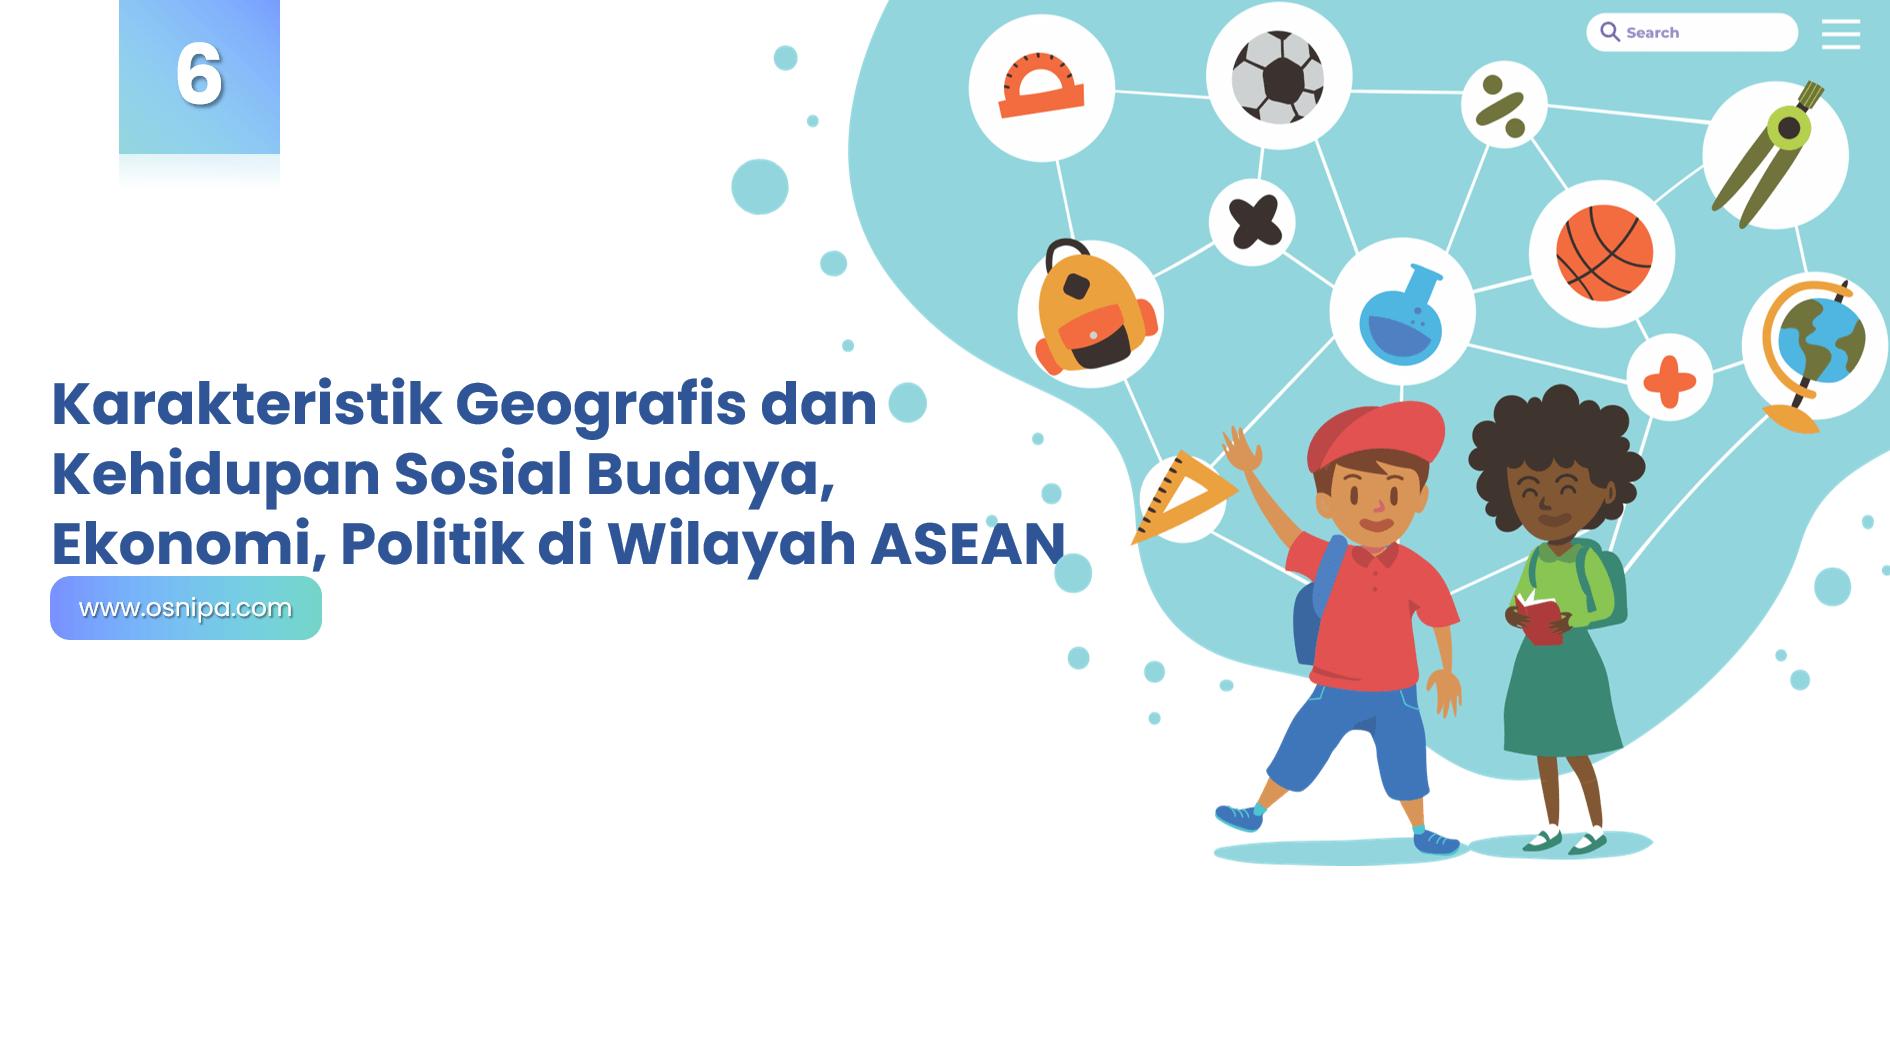 Karakteristik Geografis dan Kehidupan Sosial Budaya, Ekonomi, Politik di Wilayah ASEAN